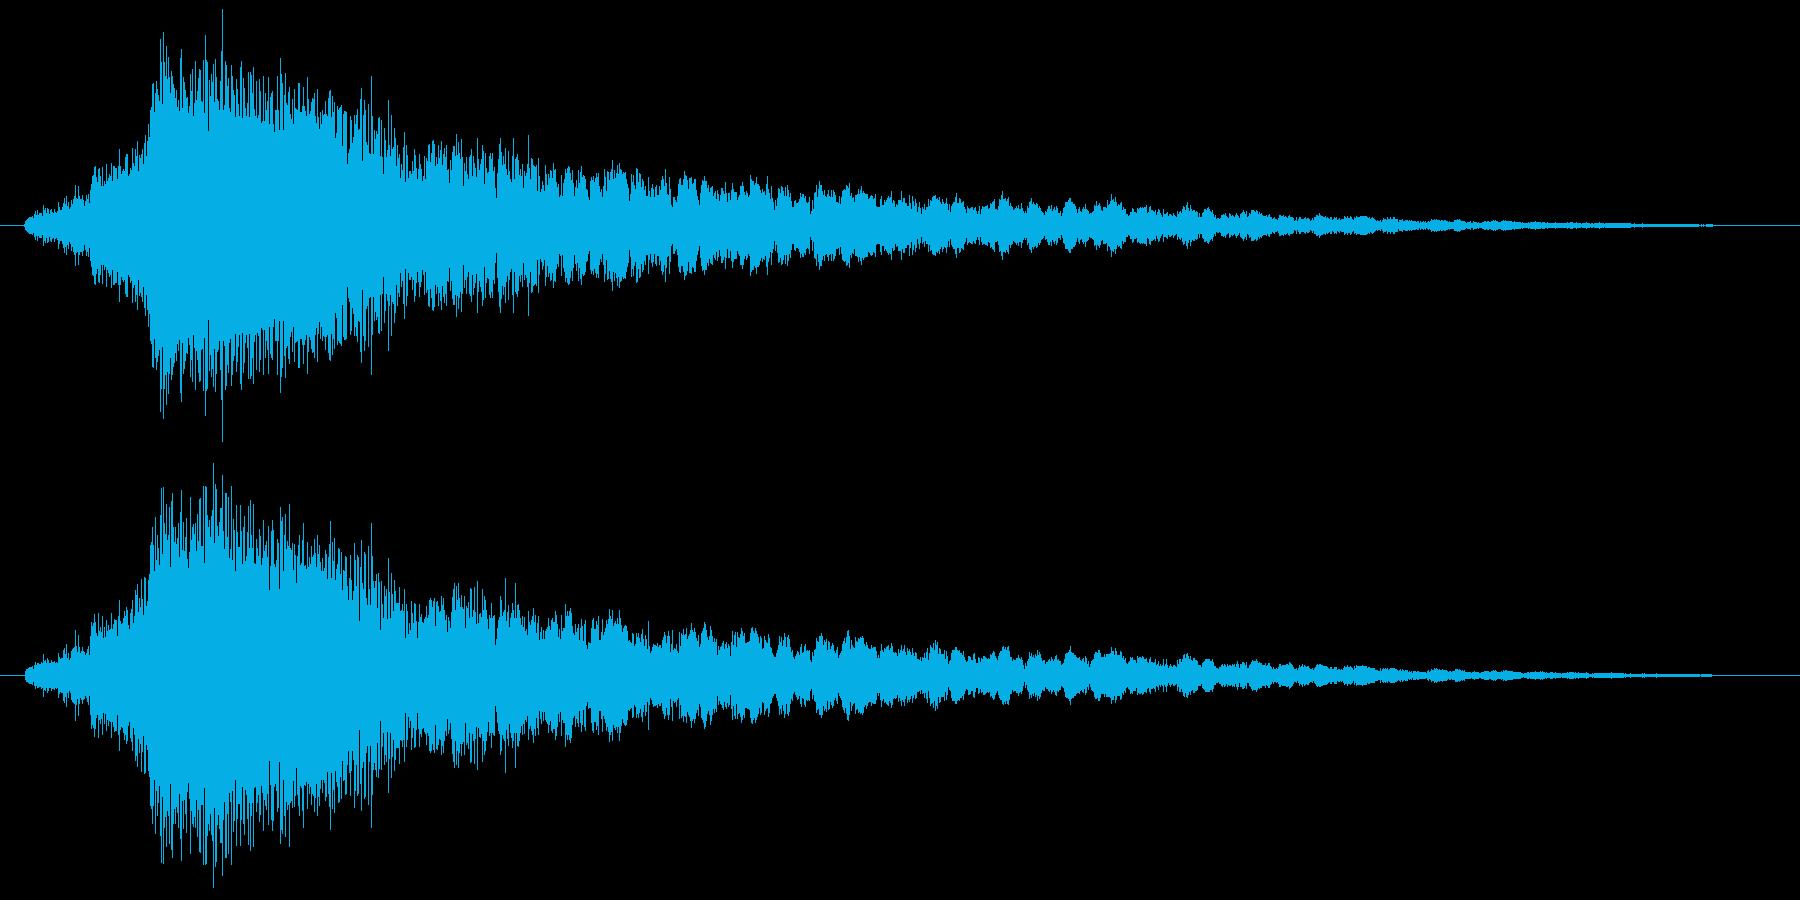 シャキーン 金属系 決め 定番の再生済みの波形